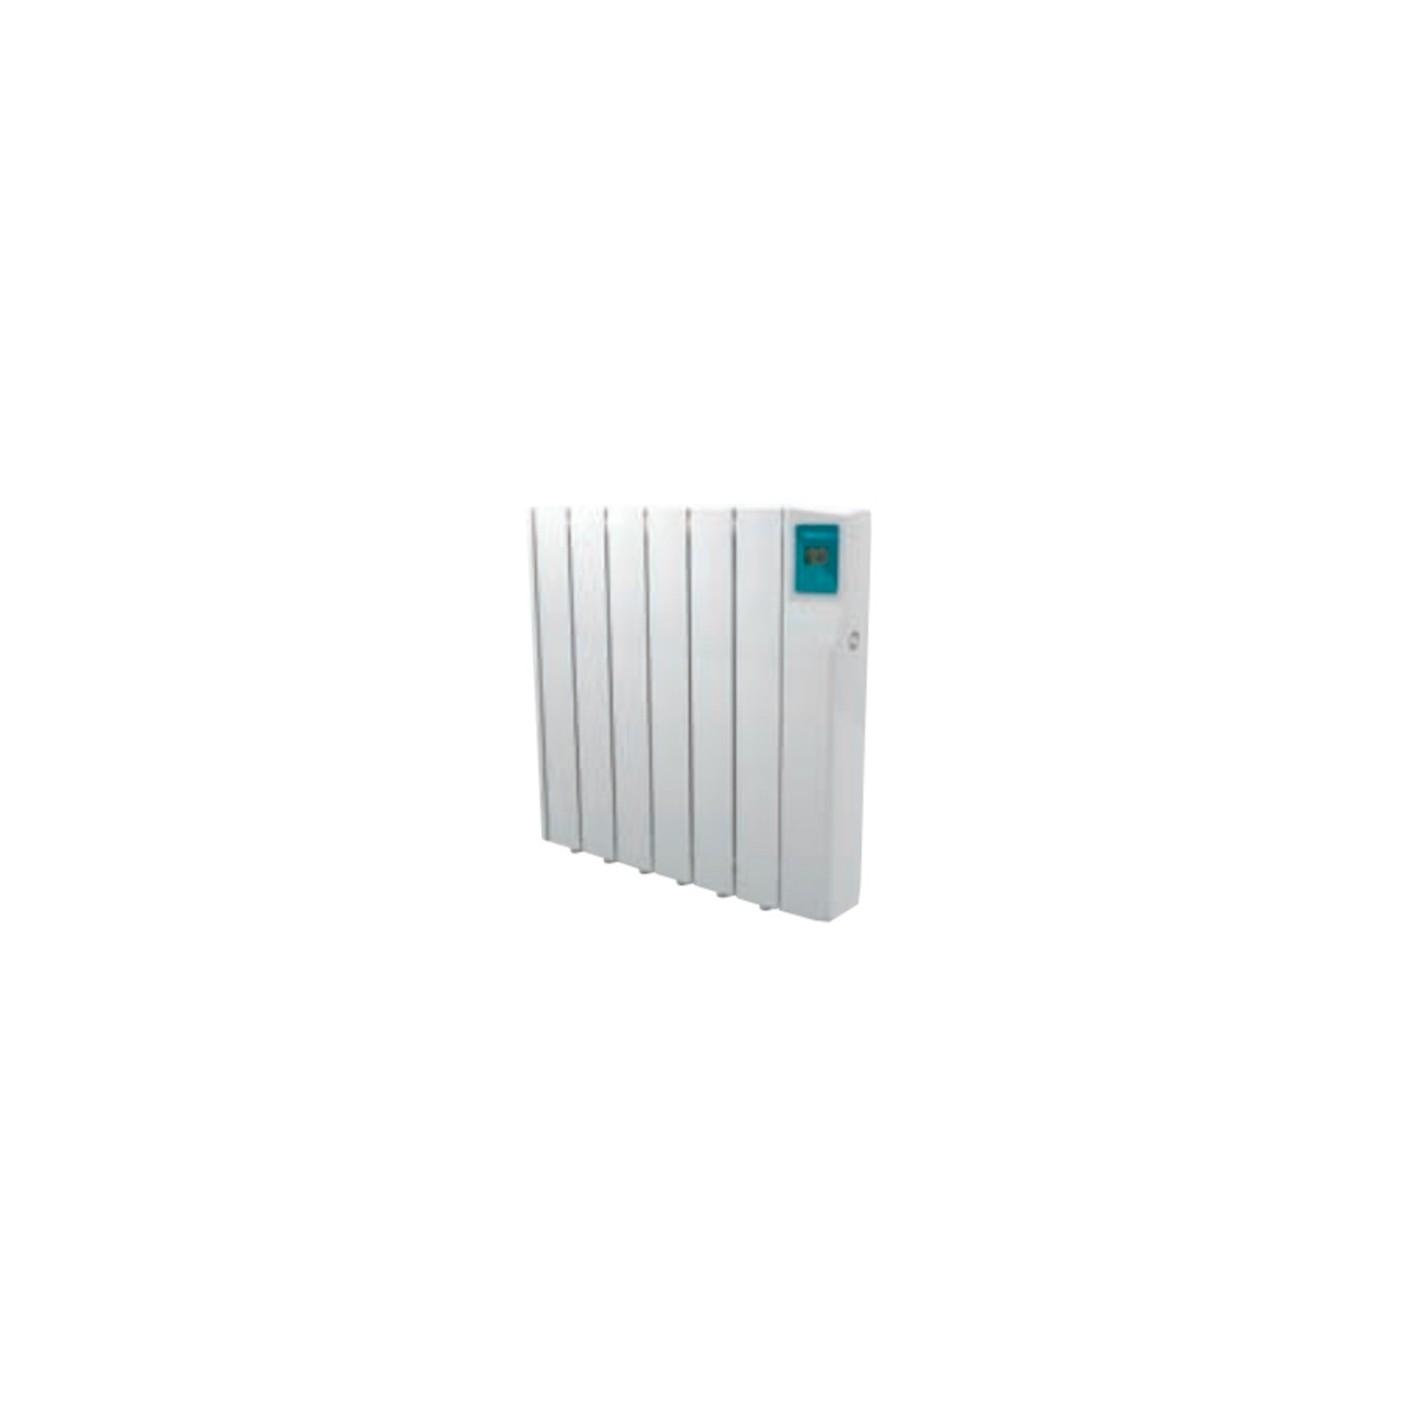 Radiador el ctrico mithos kappa080 compra online - Radiadores electricos programables ...